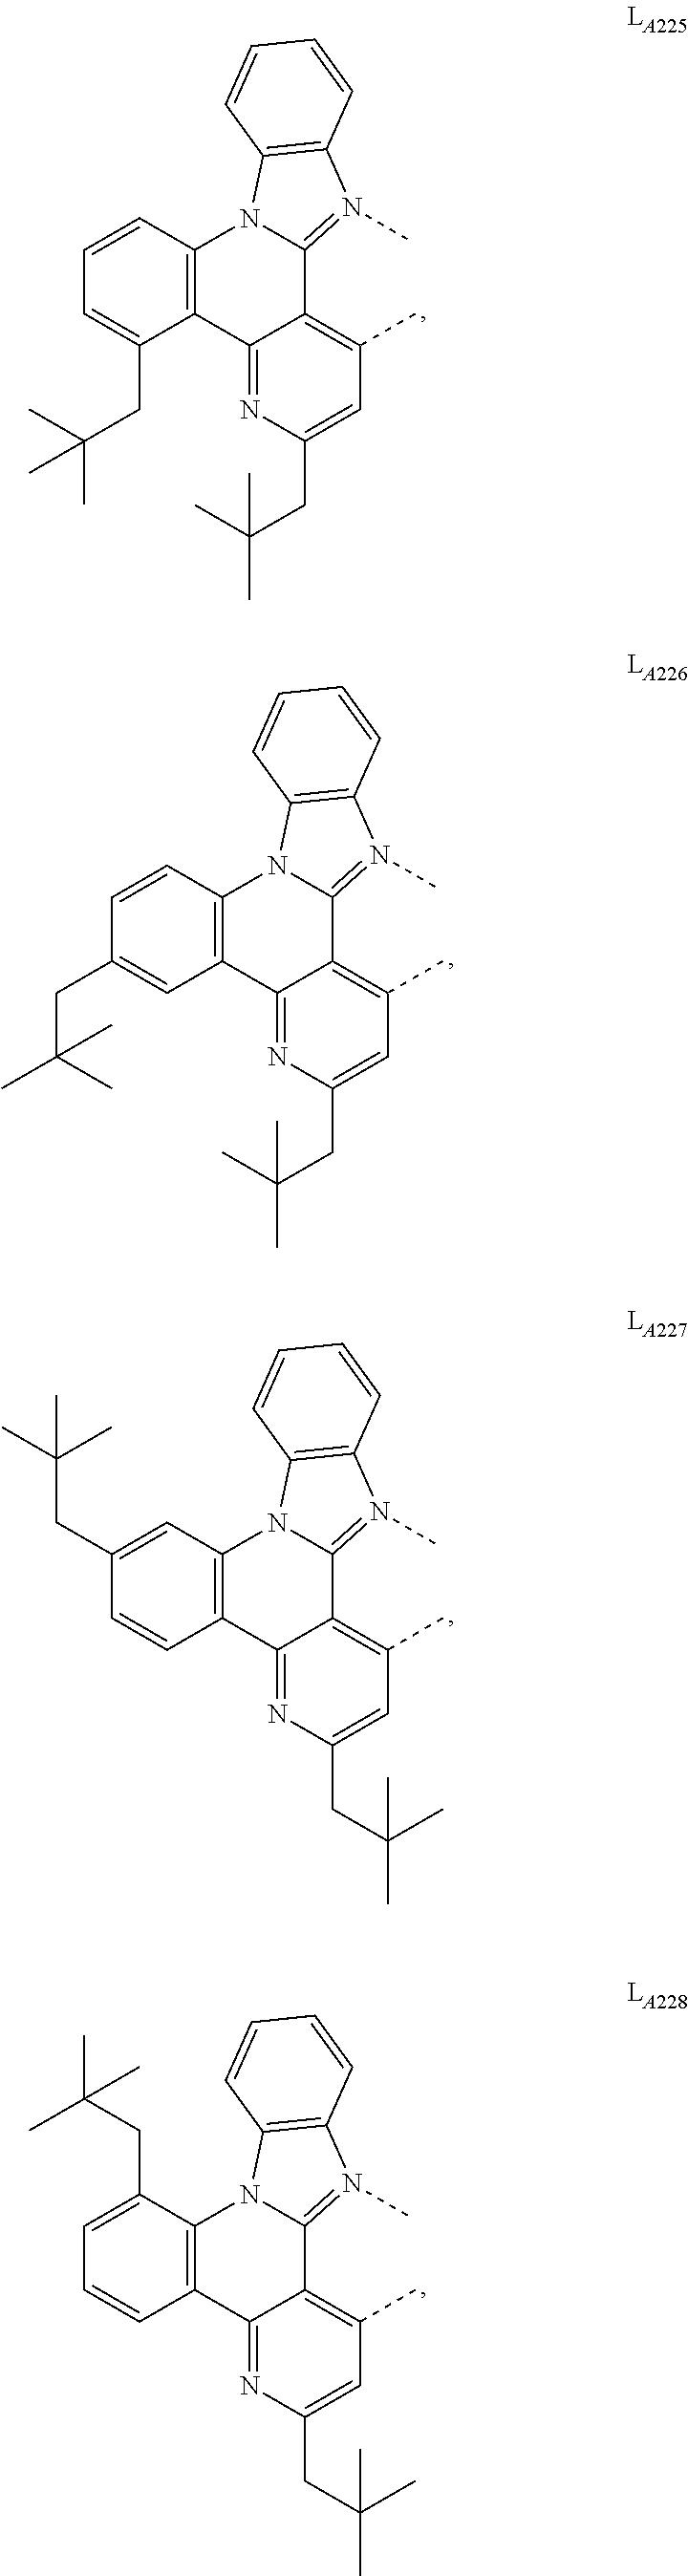 Figure US09905785-20180227-C00077